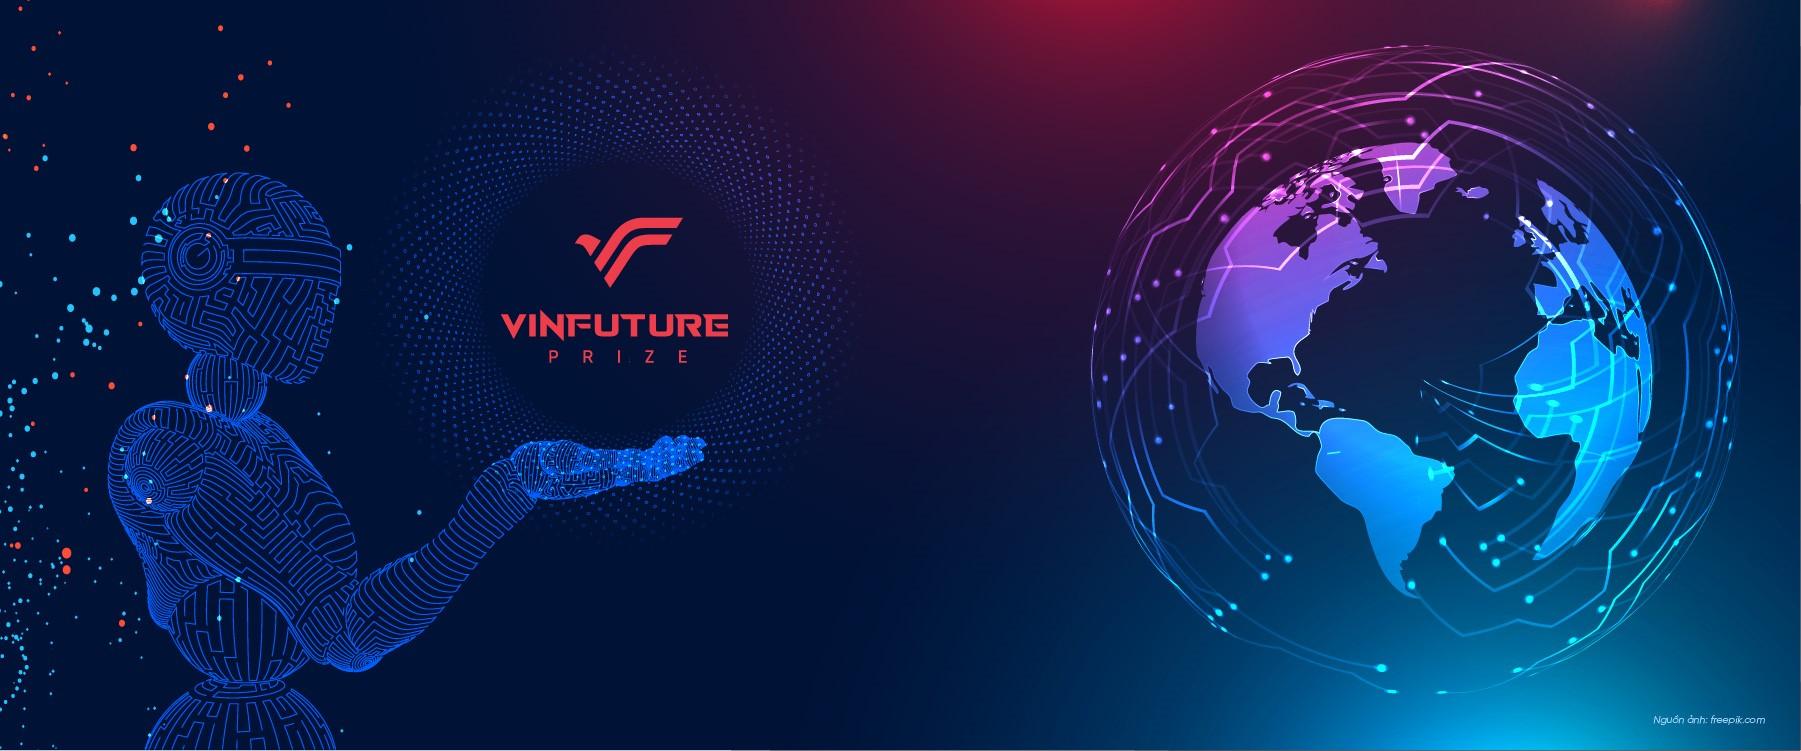 Công bố giải thưởng toàn cầu VinFuture - Ảnh 1